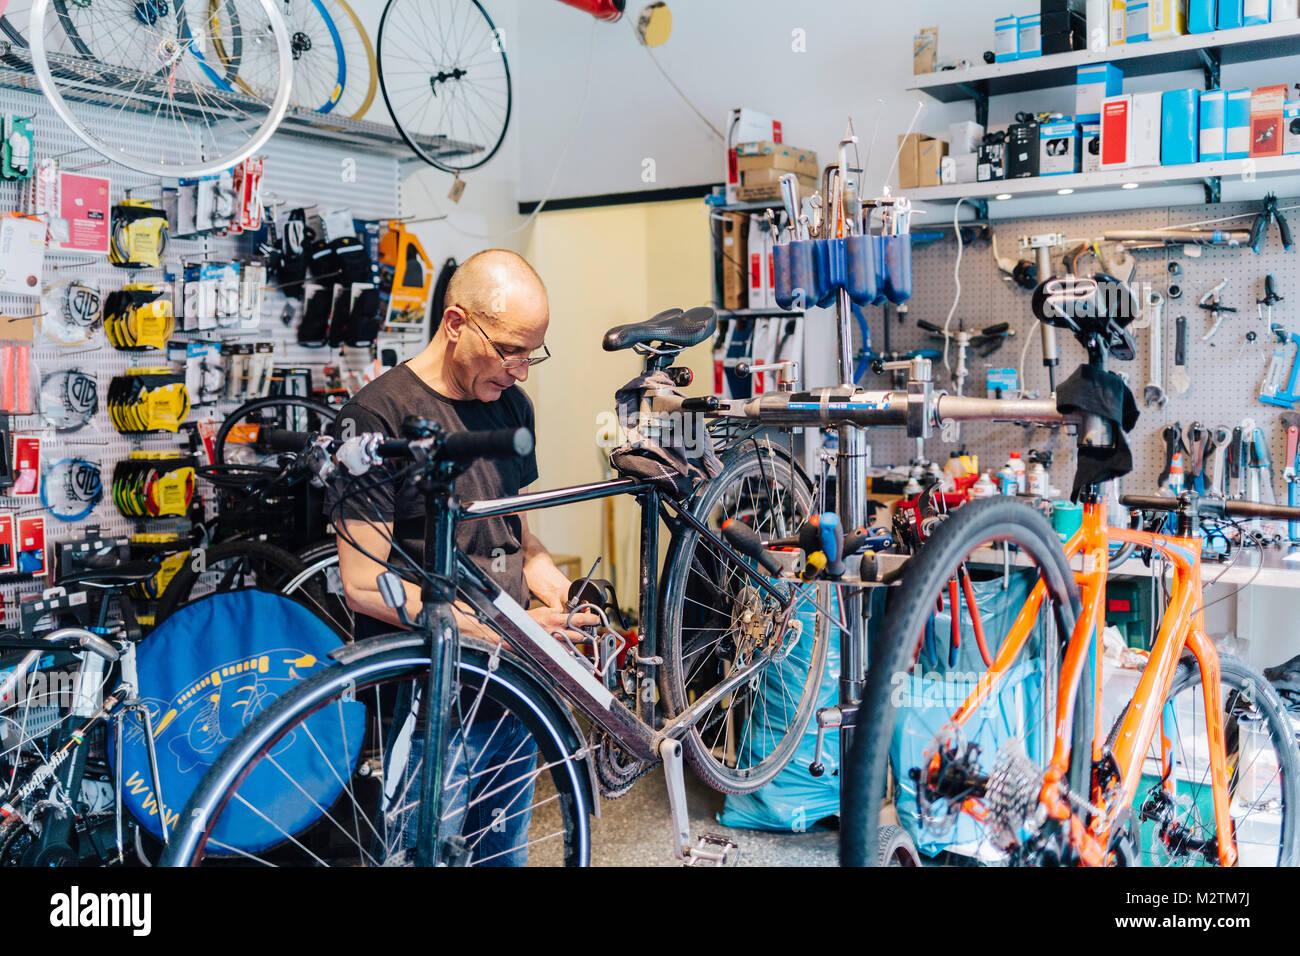 Propietarios de Negocios Pequeños de la tienda de bicicletas Foto de stock